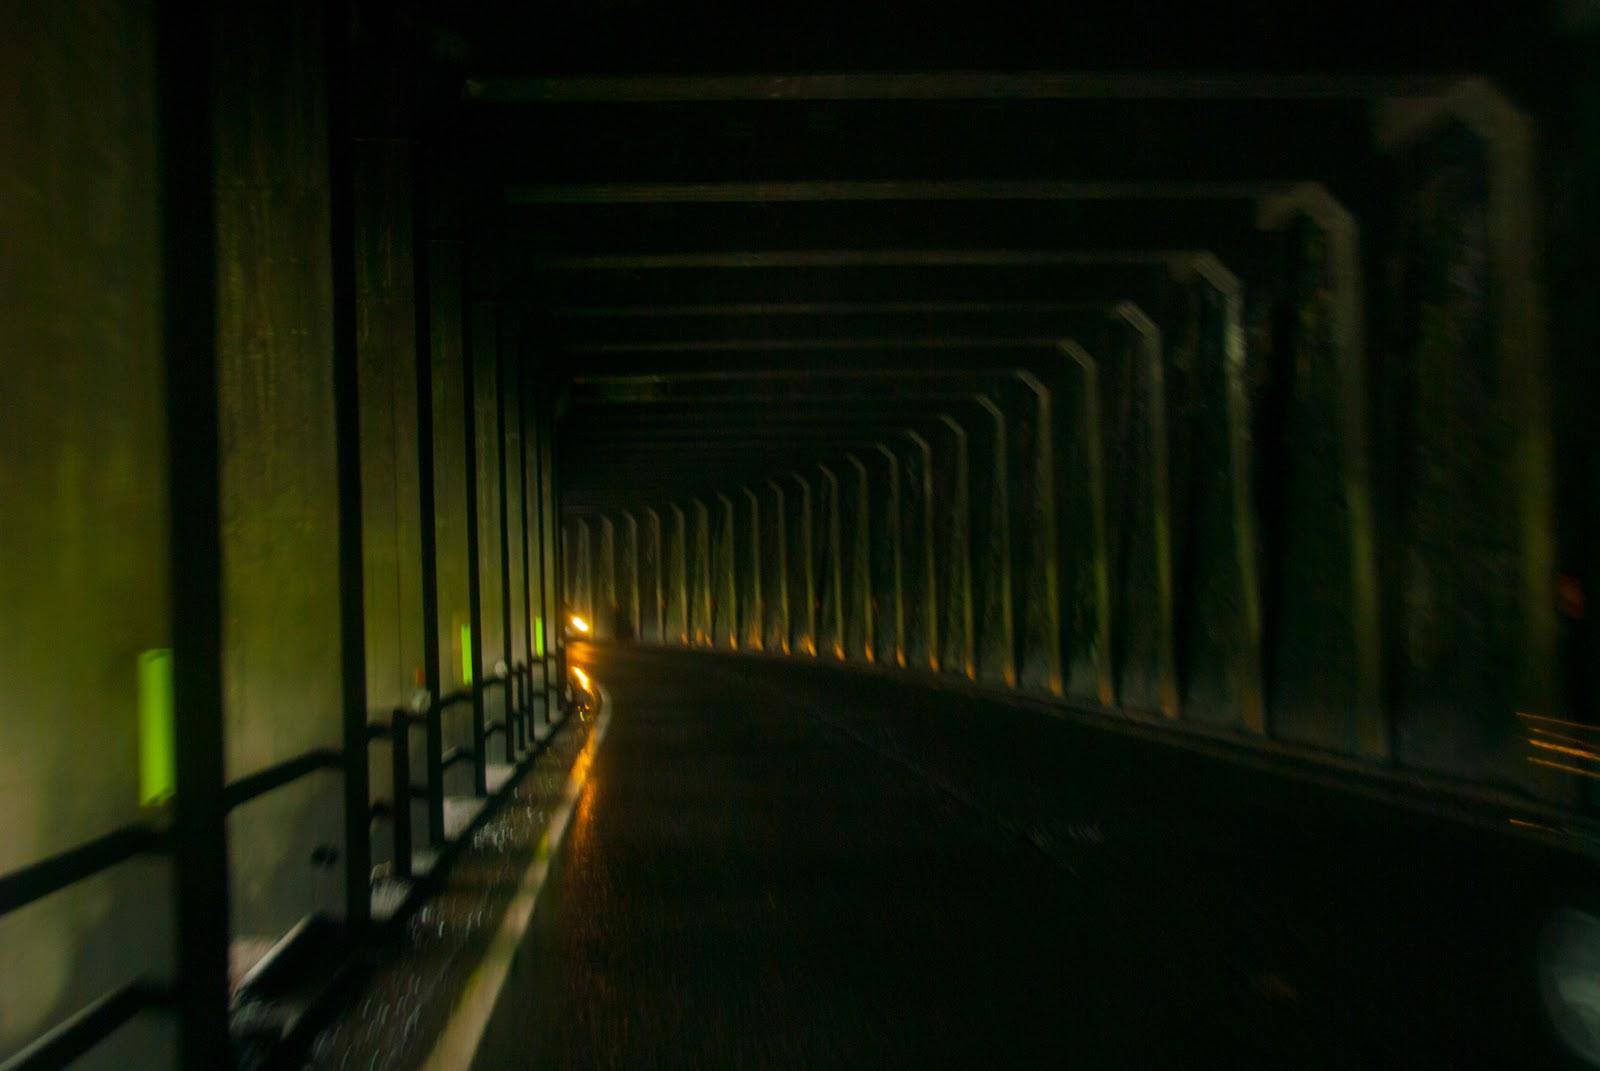 トンネル 内部